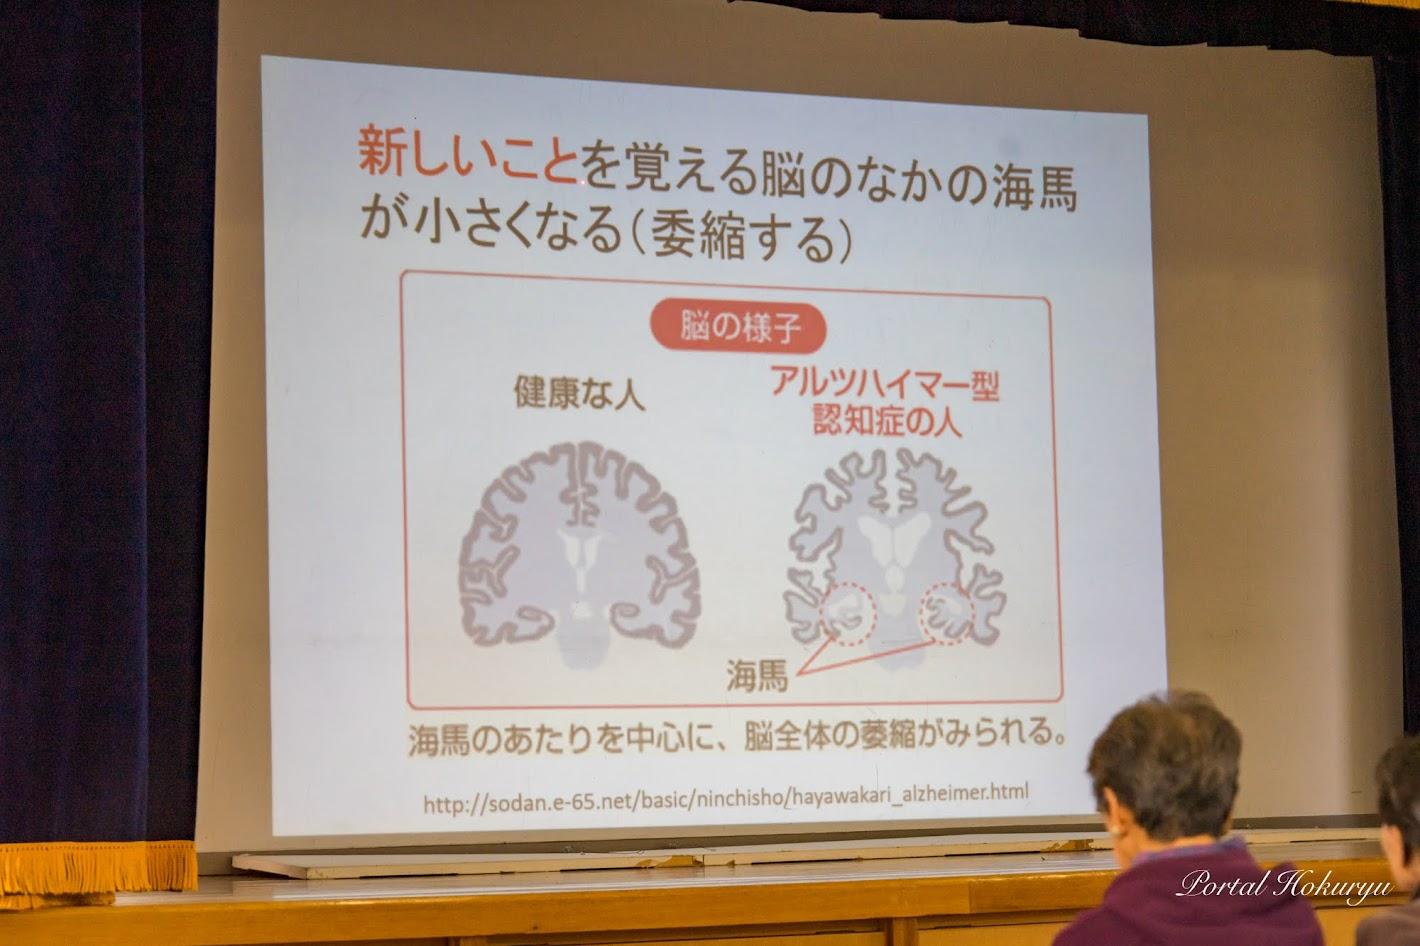 新しいことを覚える脳のなかの海馬が小さくなる(萎縮する)